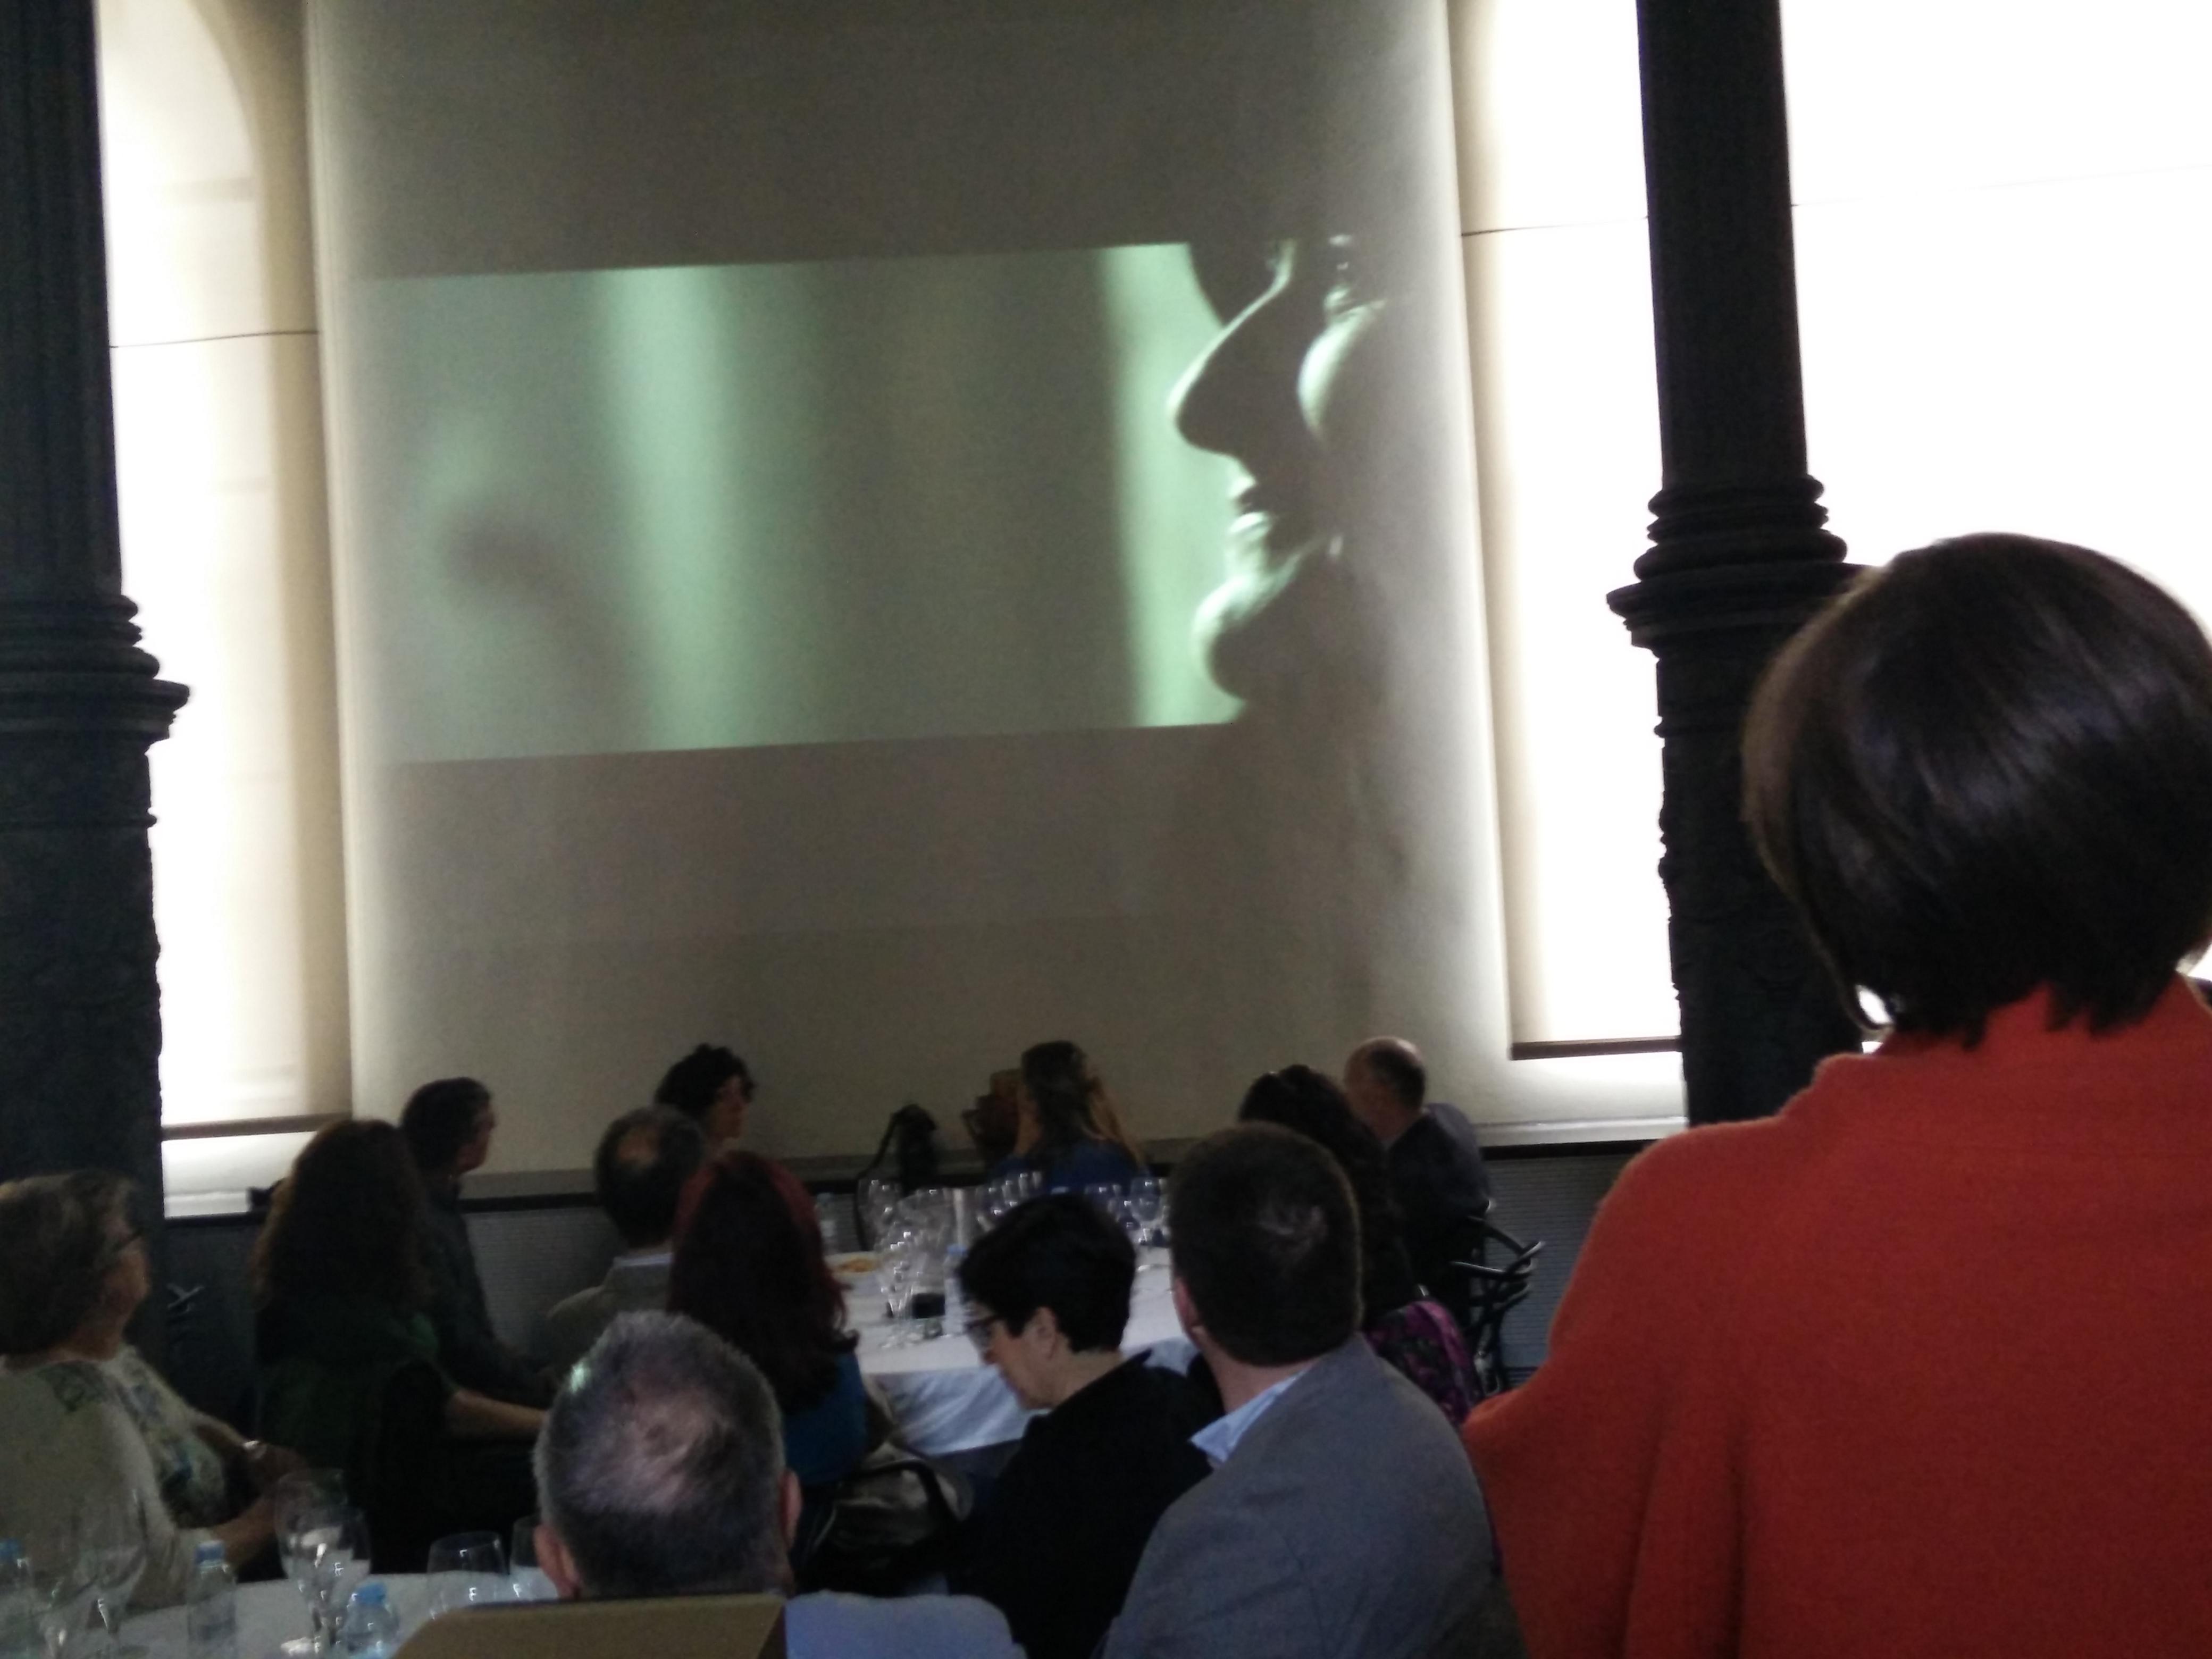 Viendo el video de la presentación - Foto vinummedia)